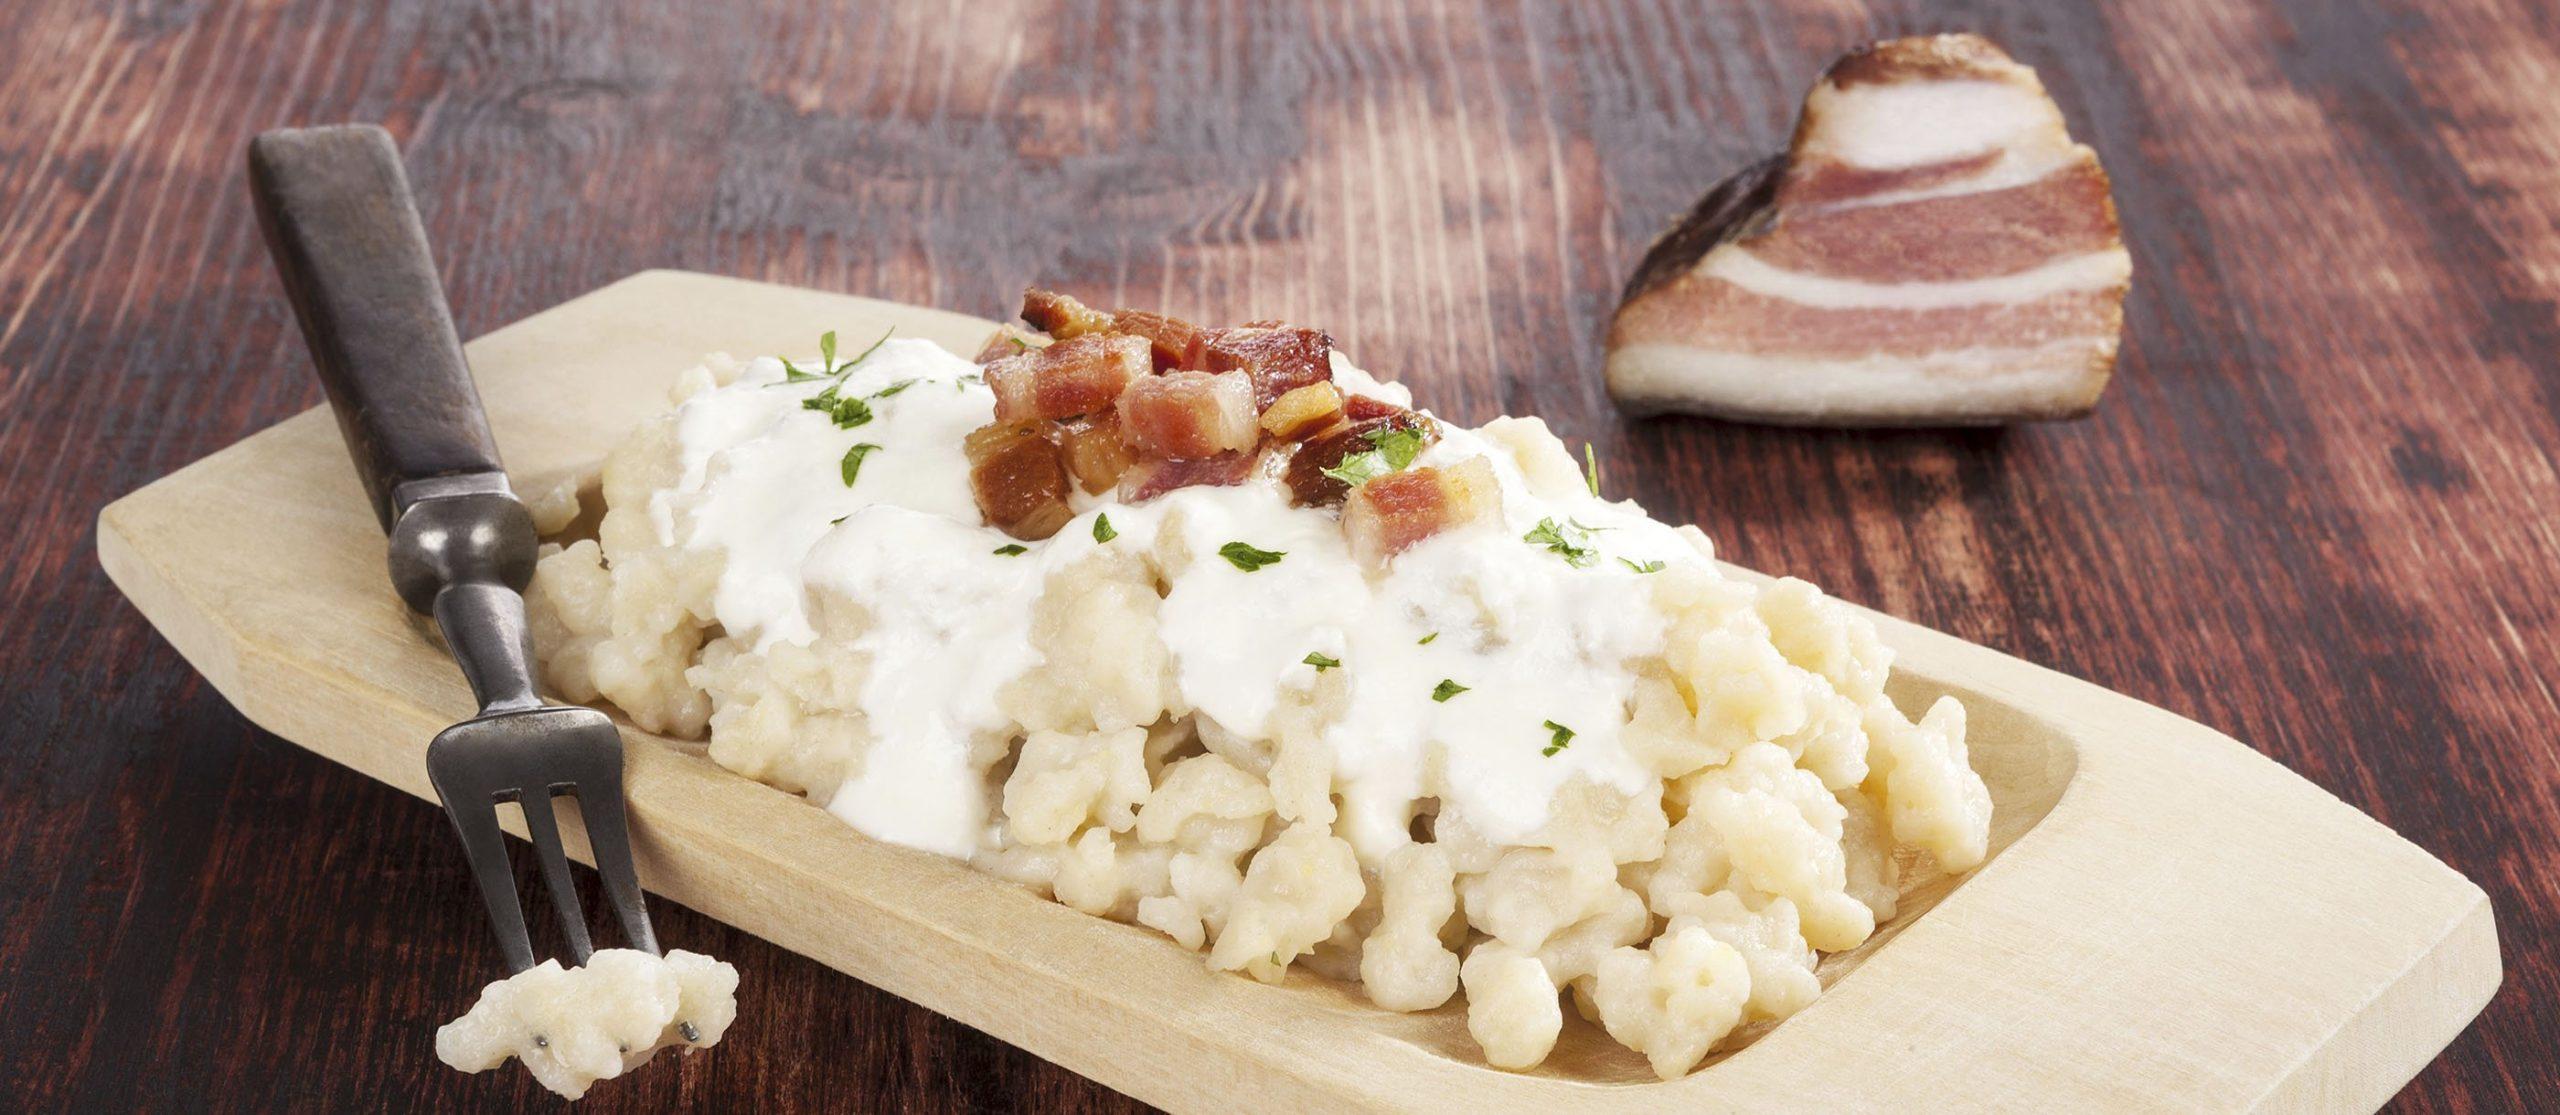 Patria tradičné BRYNDZOVÉ HALUŠKY ešte stále medzi obľúbené jedlá na Slovensku!? Ktorý pokrm sa stal ich konkurenciou!? Zostanete naozaj prekvapení!